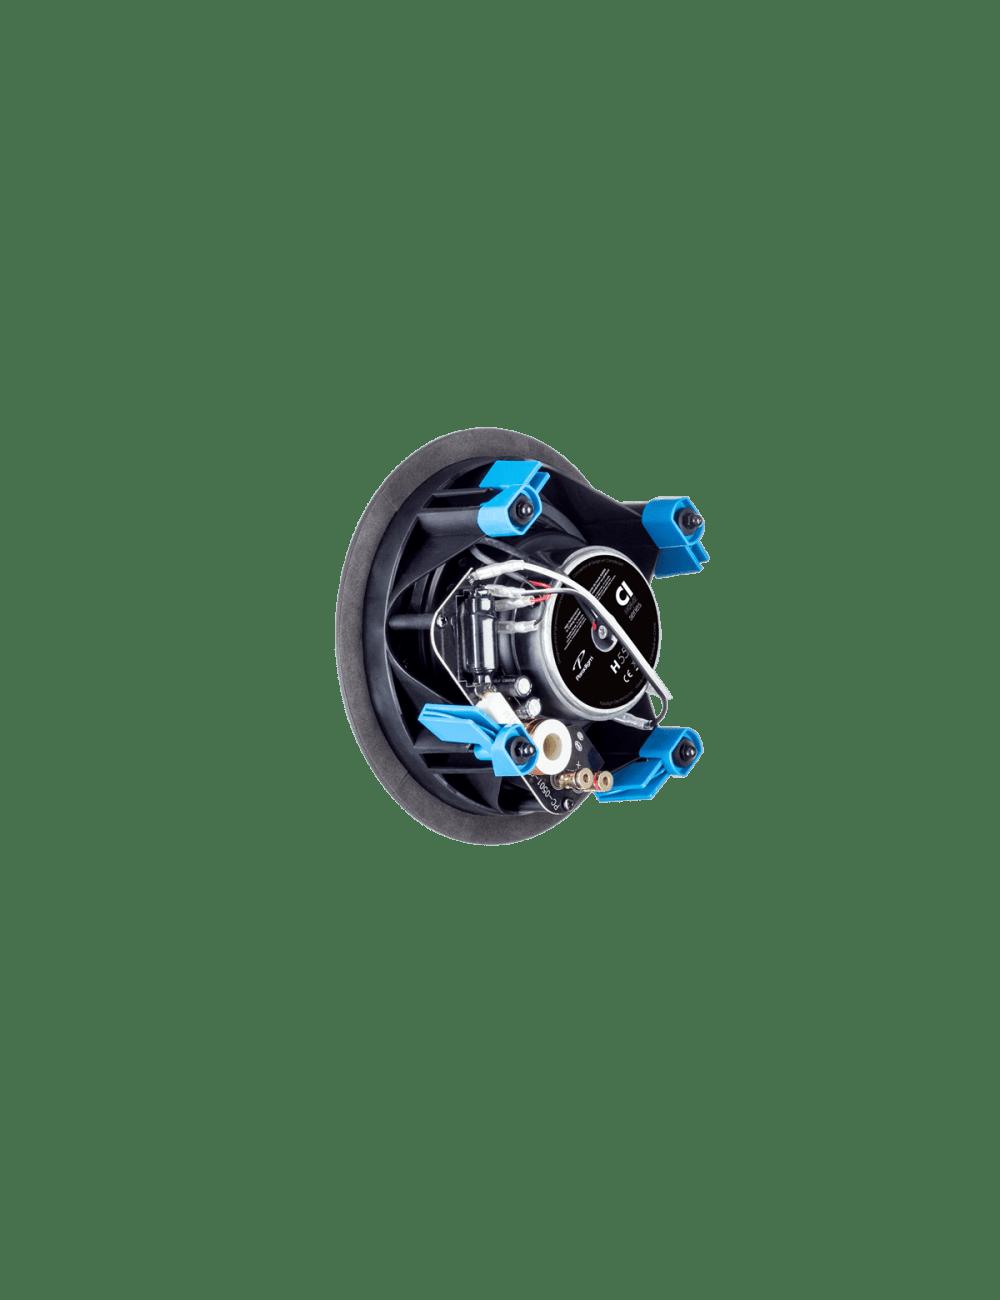 diffusore acustico da incasso a parete o a soffitto, Paradigm CI HOME H55-R, vista posteriore